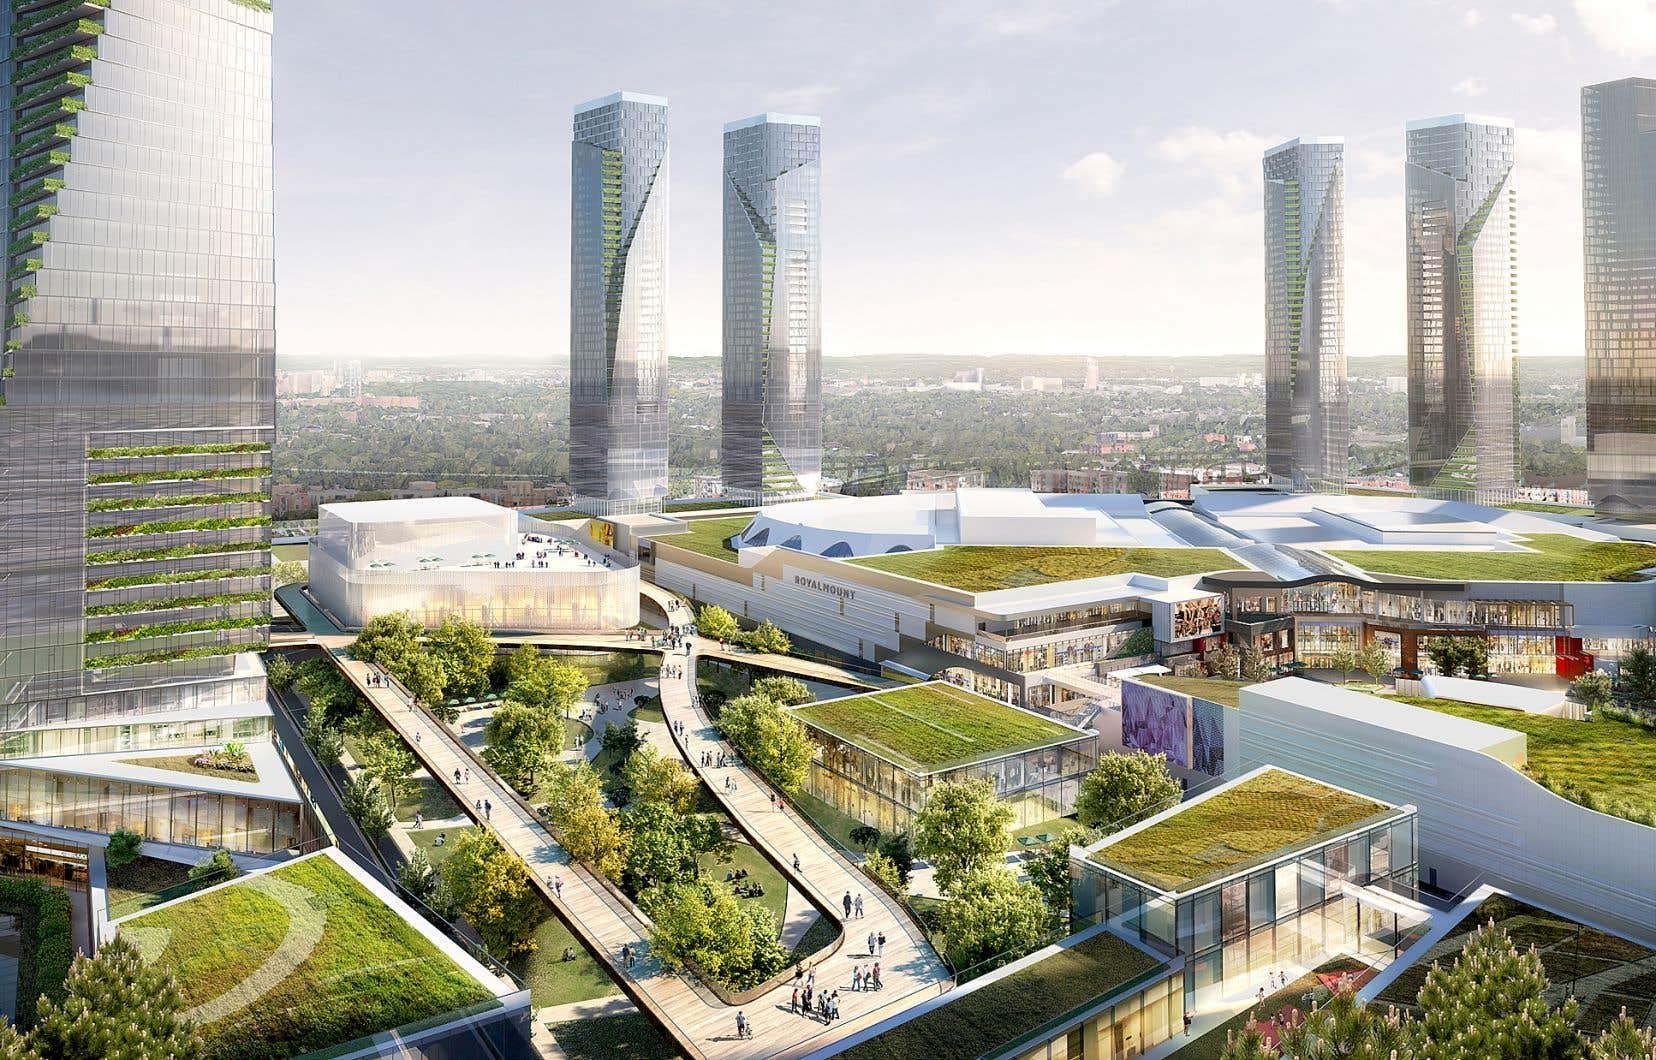 Les tours résidentielles d'une cinquantaine d'étages du projet Royalmount seront dotées de jardins verticaux sur une partie de leurs façades.